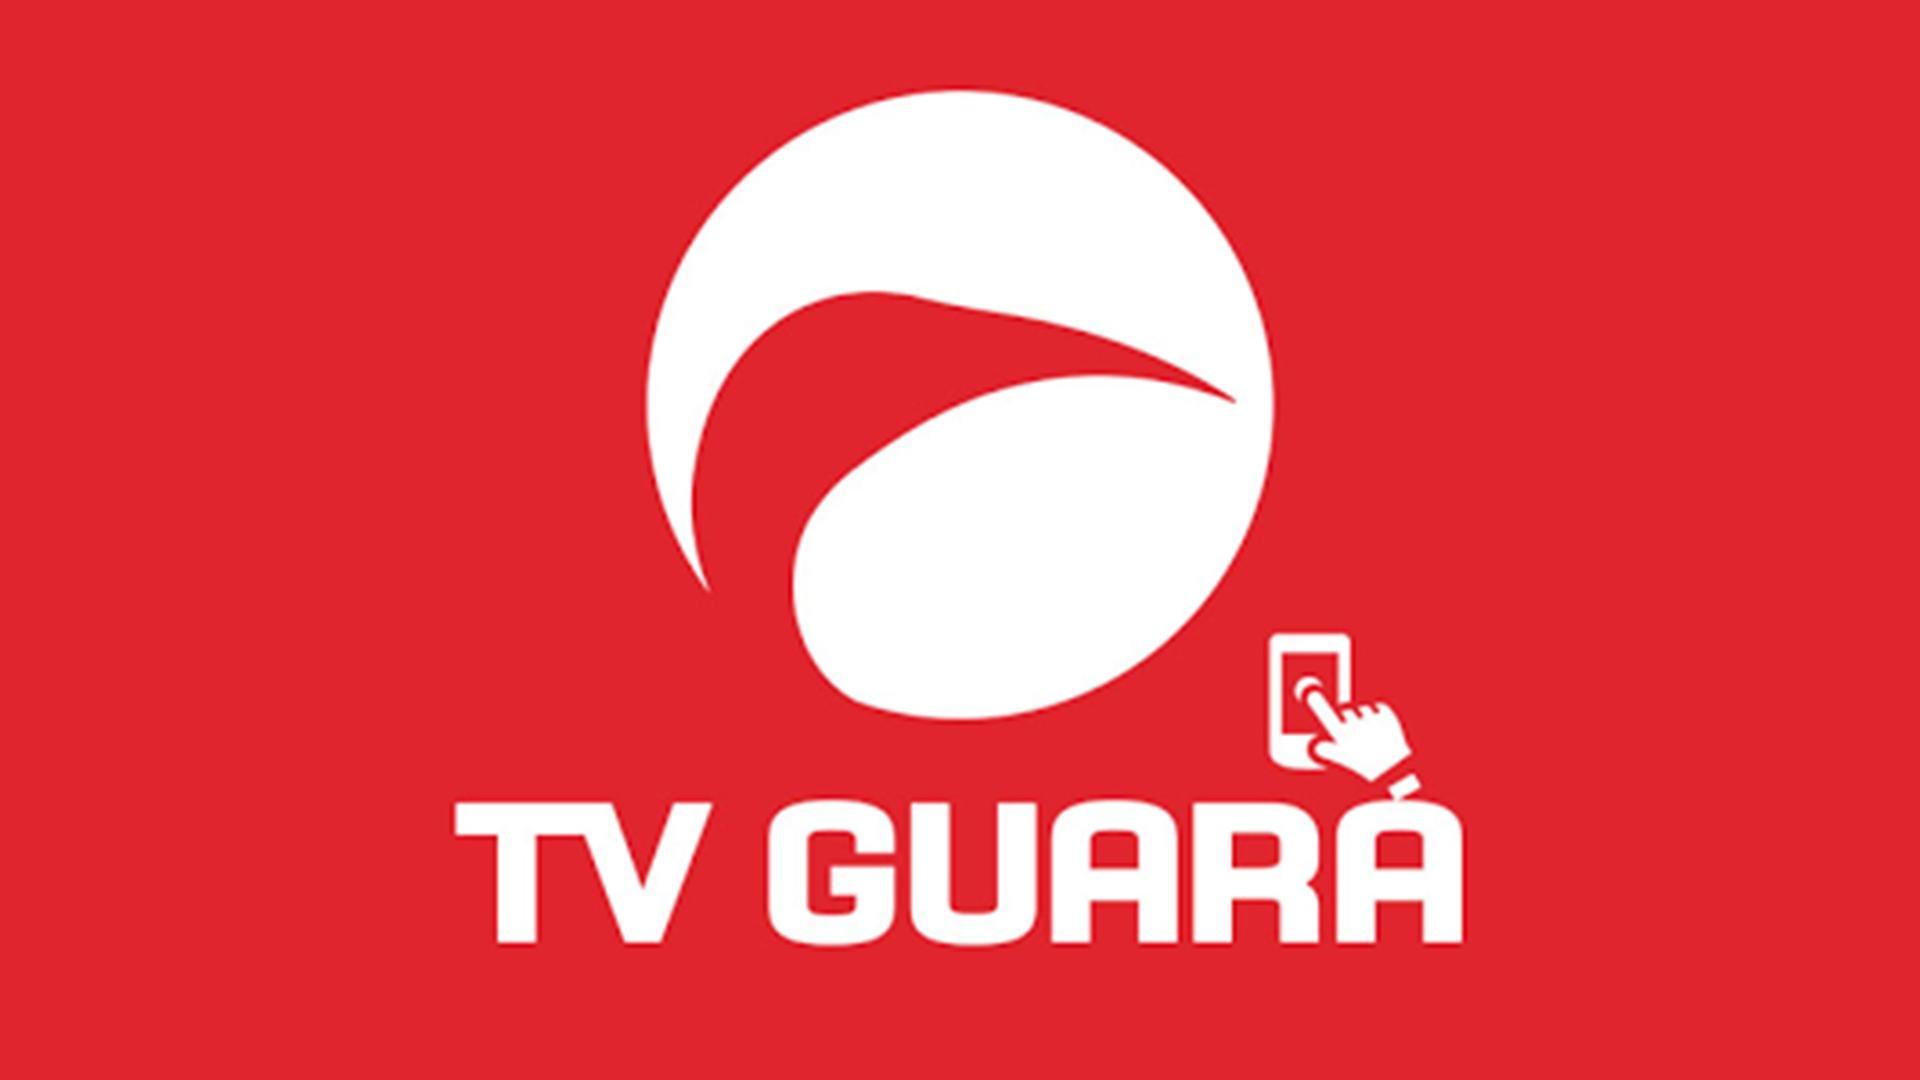 Профиль Portal Guará Tv Канал Tv